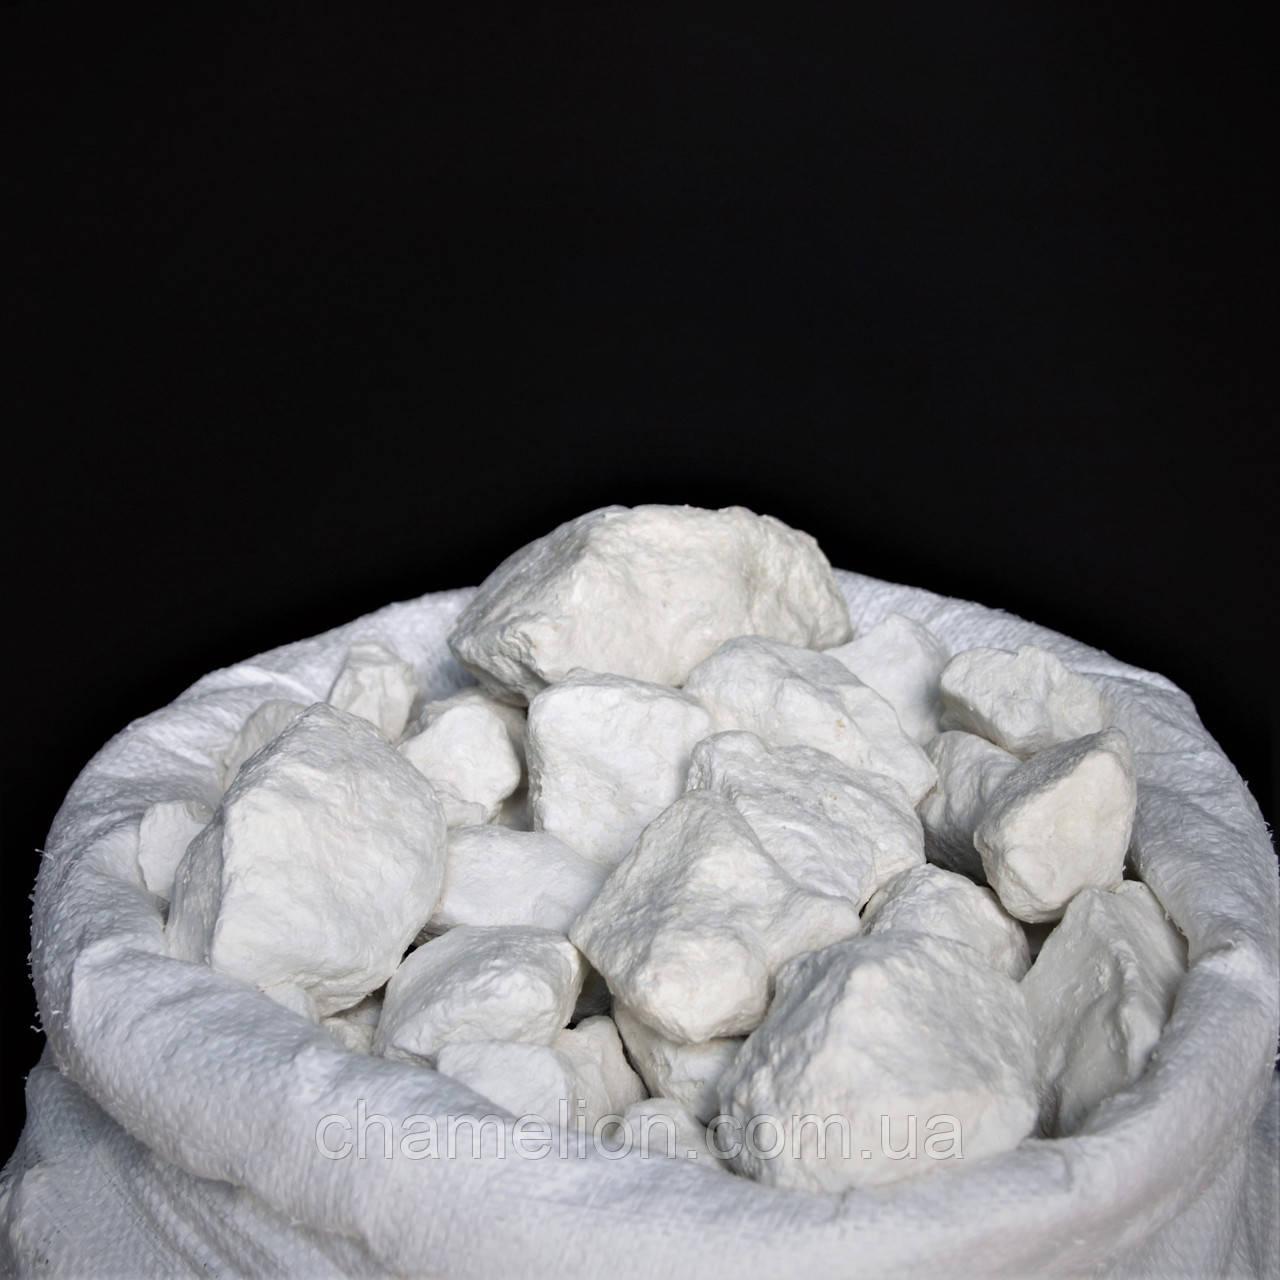 Глина маслянка біла кускова (Глина маслянка белая кусковая)